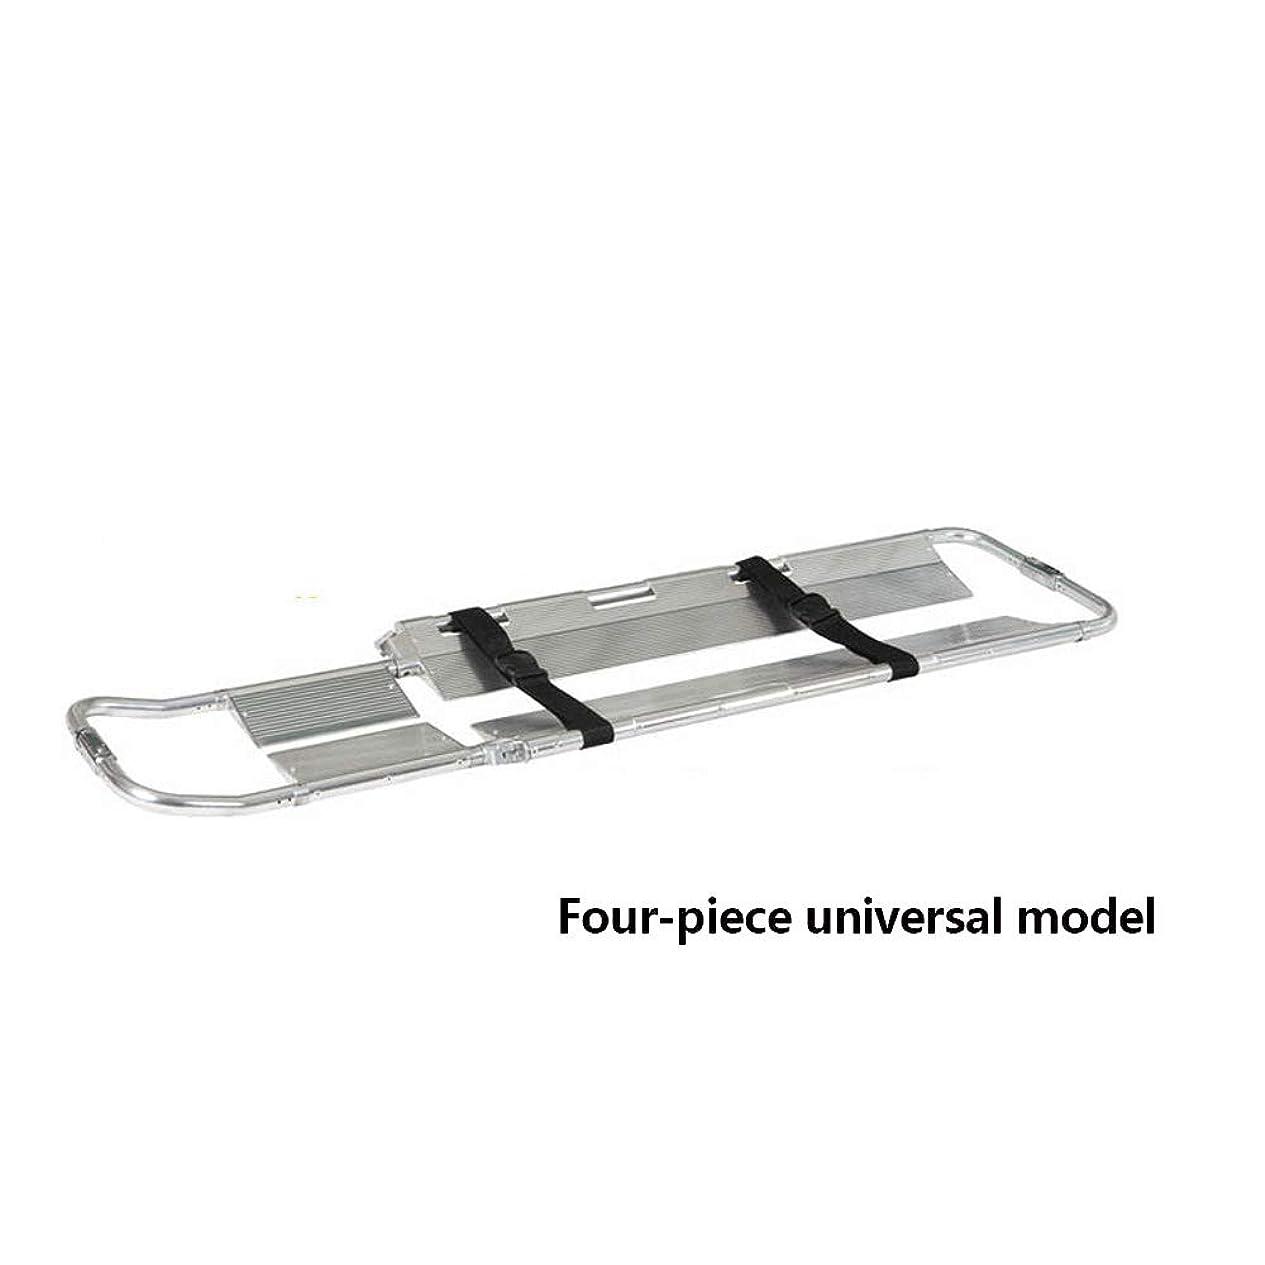 前述の争い本救急処置の伸張器、折るアルミニウムシャベルの伸張器,4piece